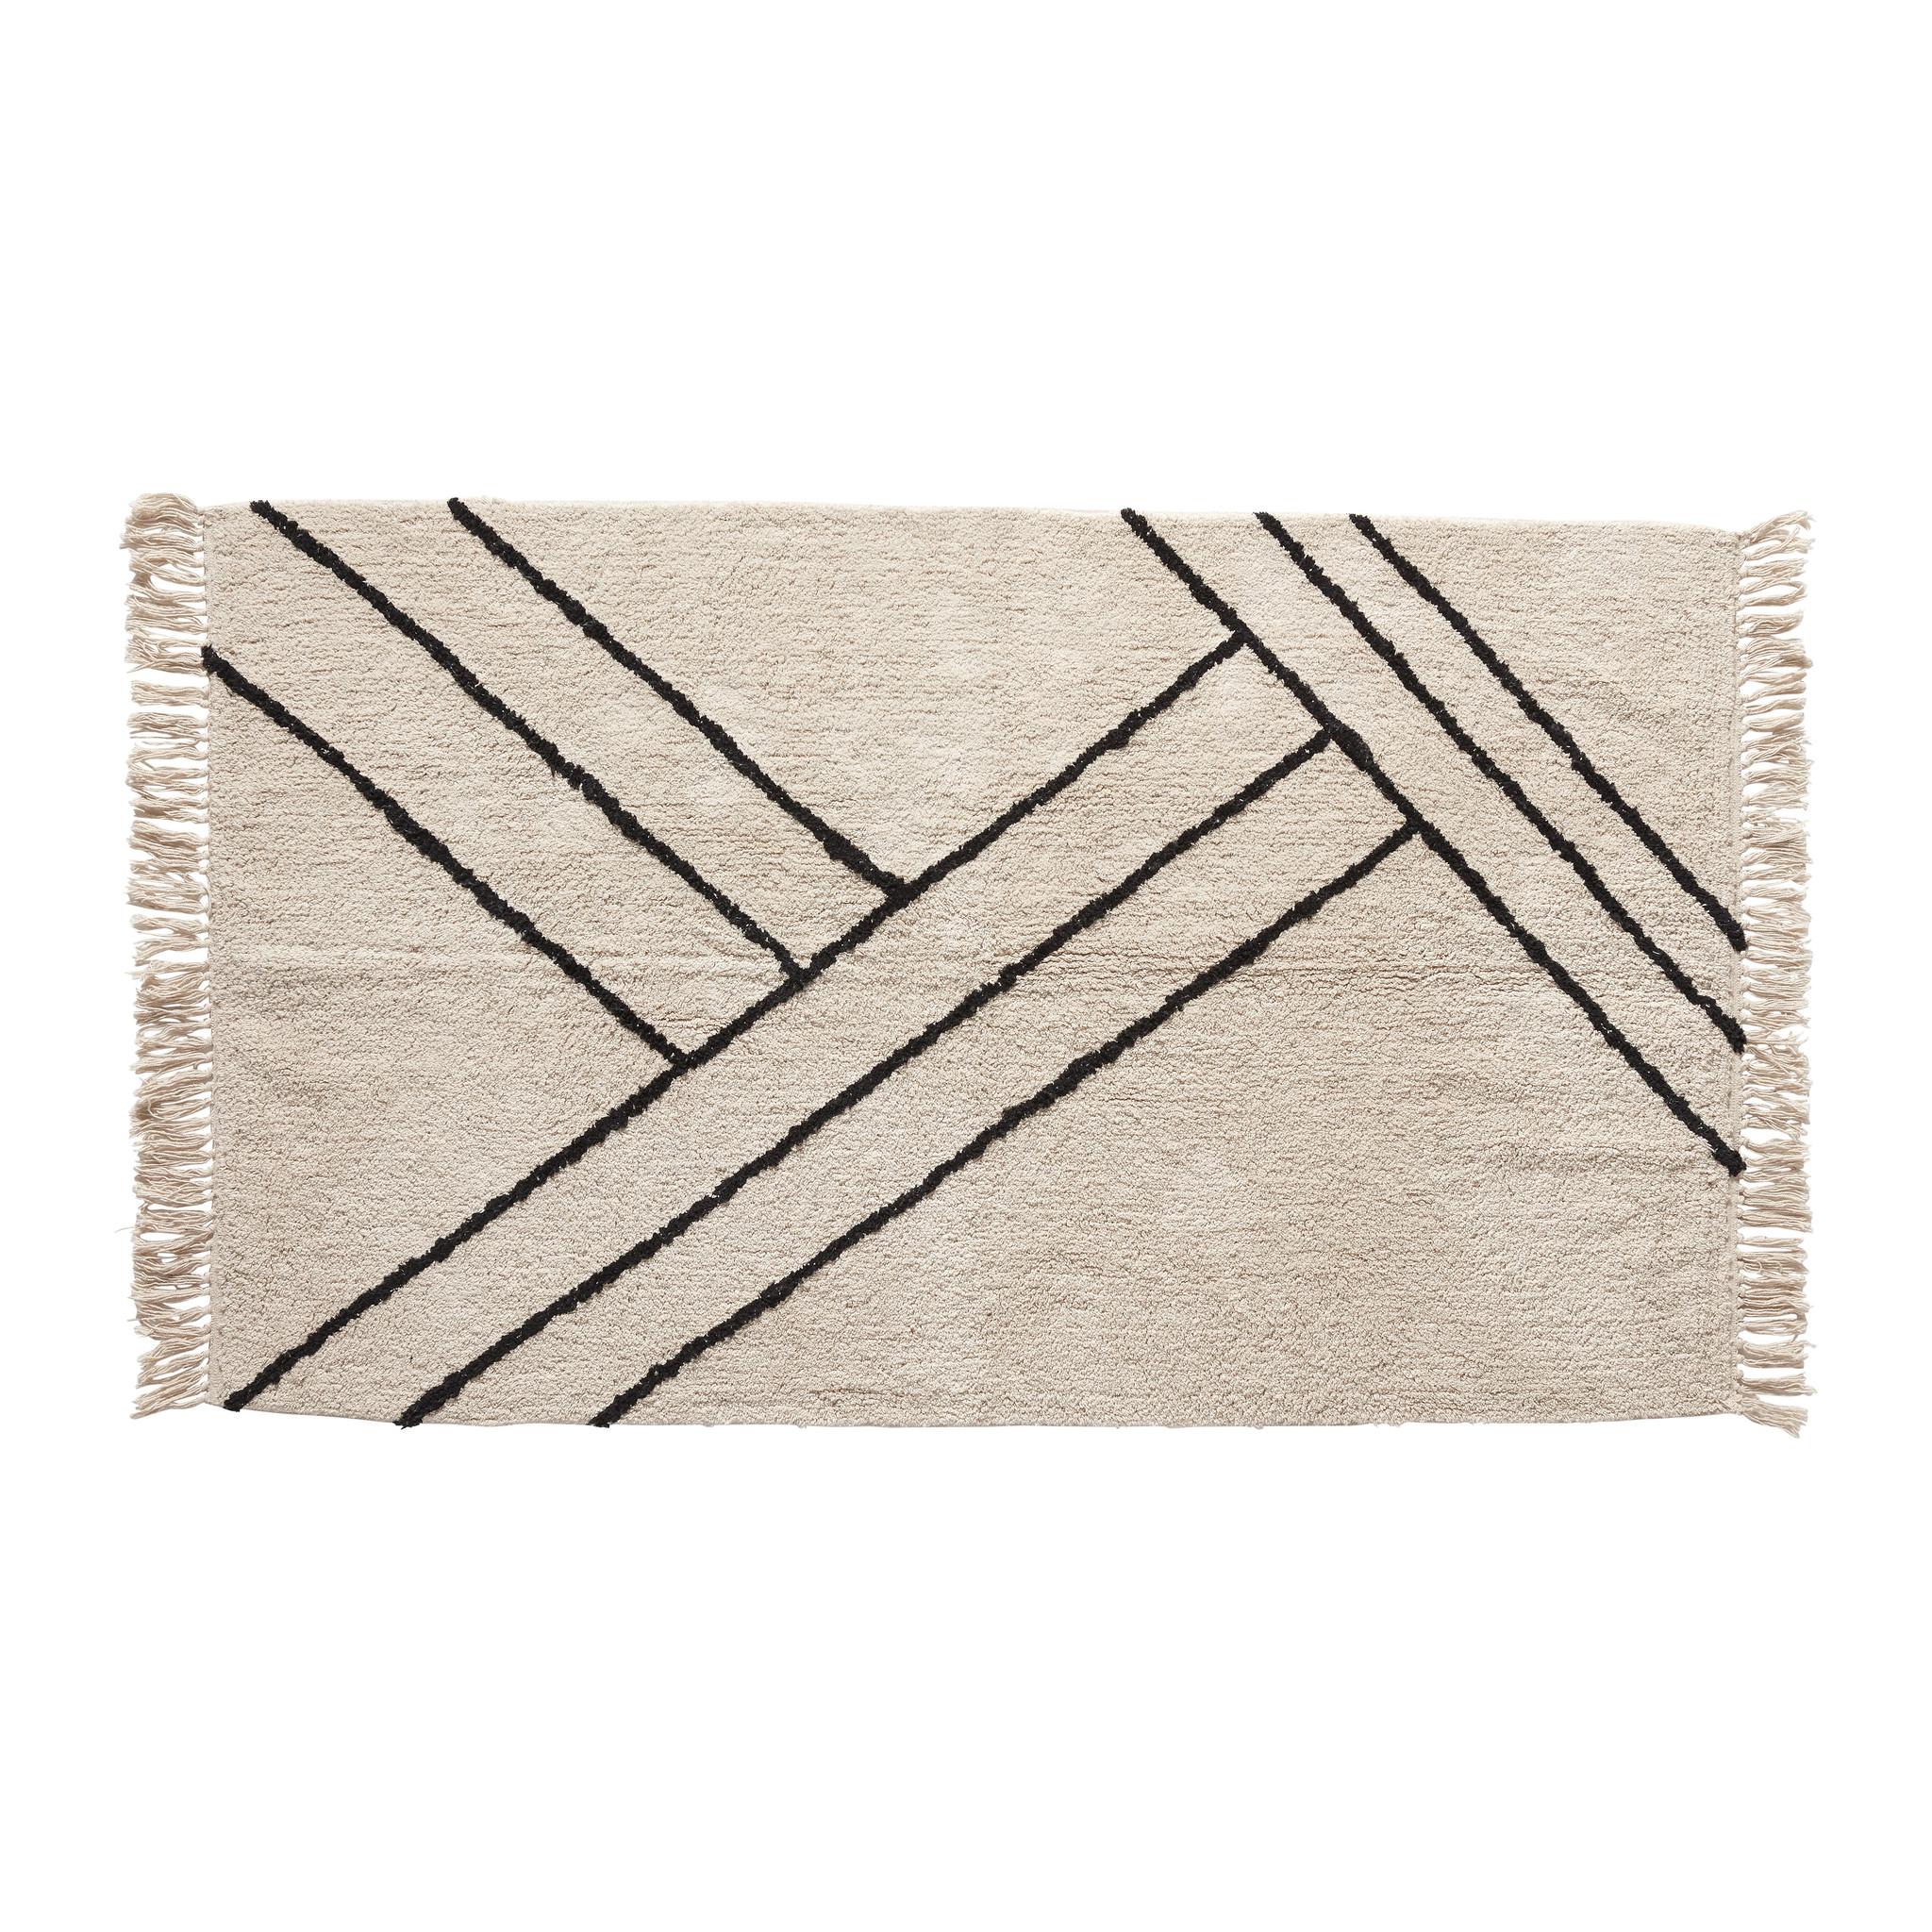 Hubsch Vloerkleed, katoen, wit / zwart-810601-5712772030561